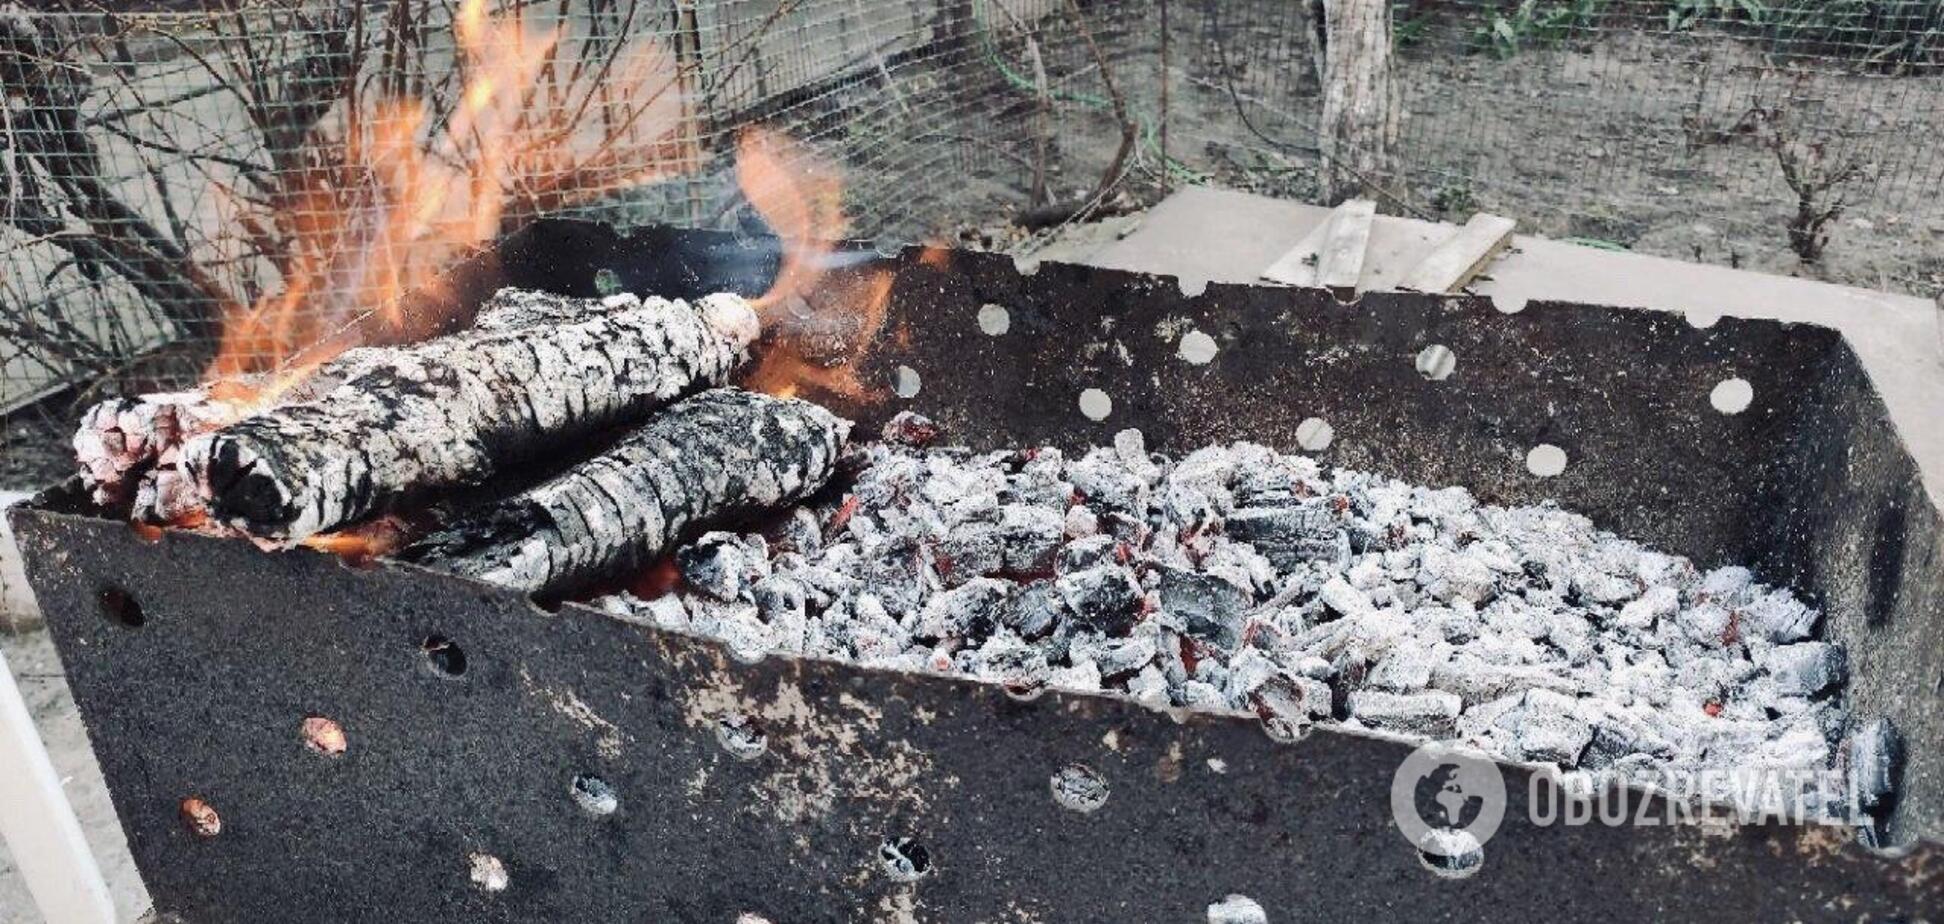 Сезон шашлыков во дворах многоэтажек: почему днепряне против